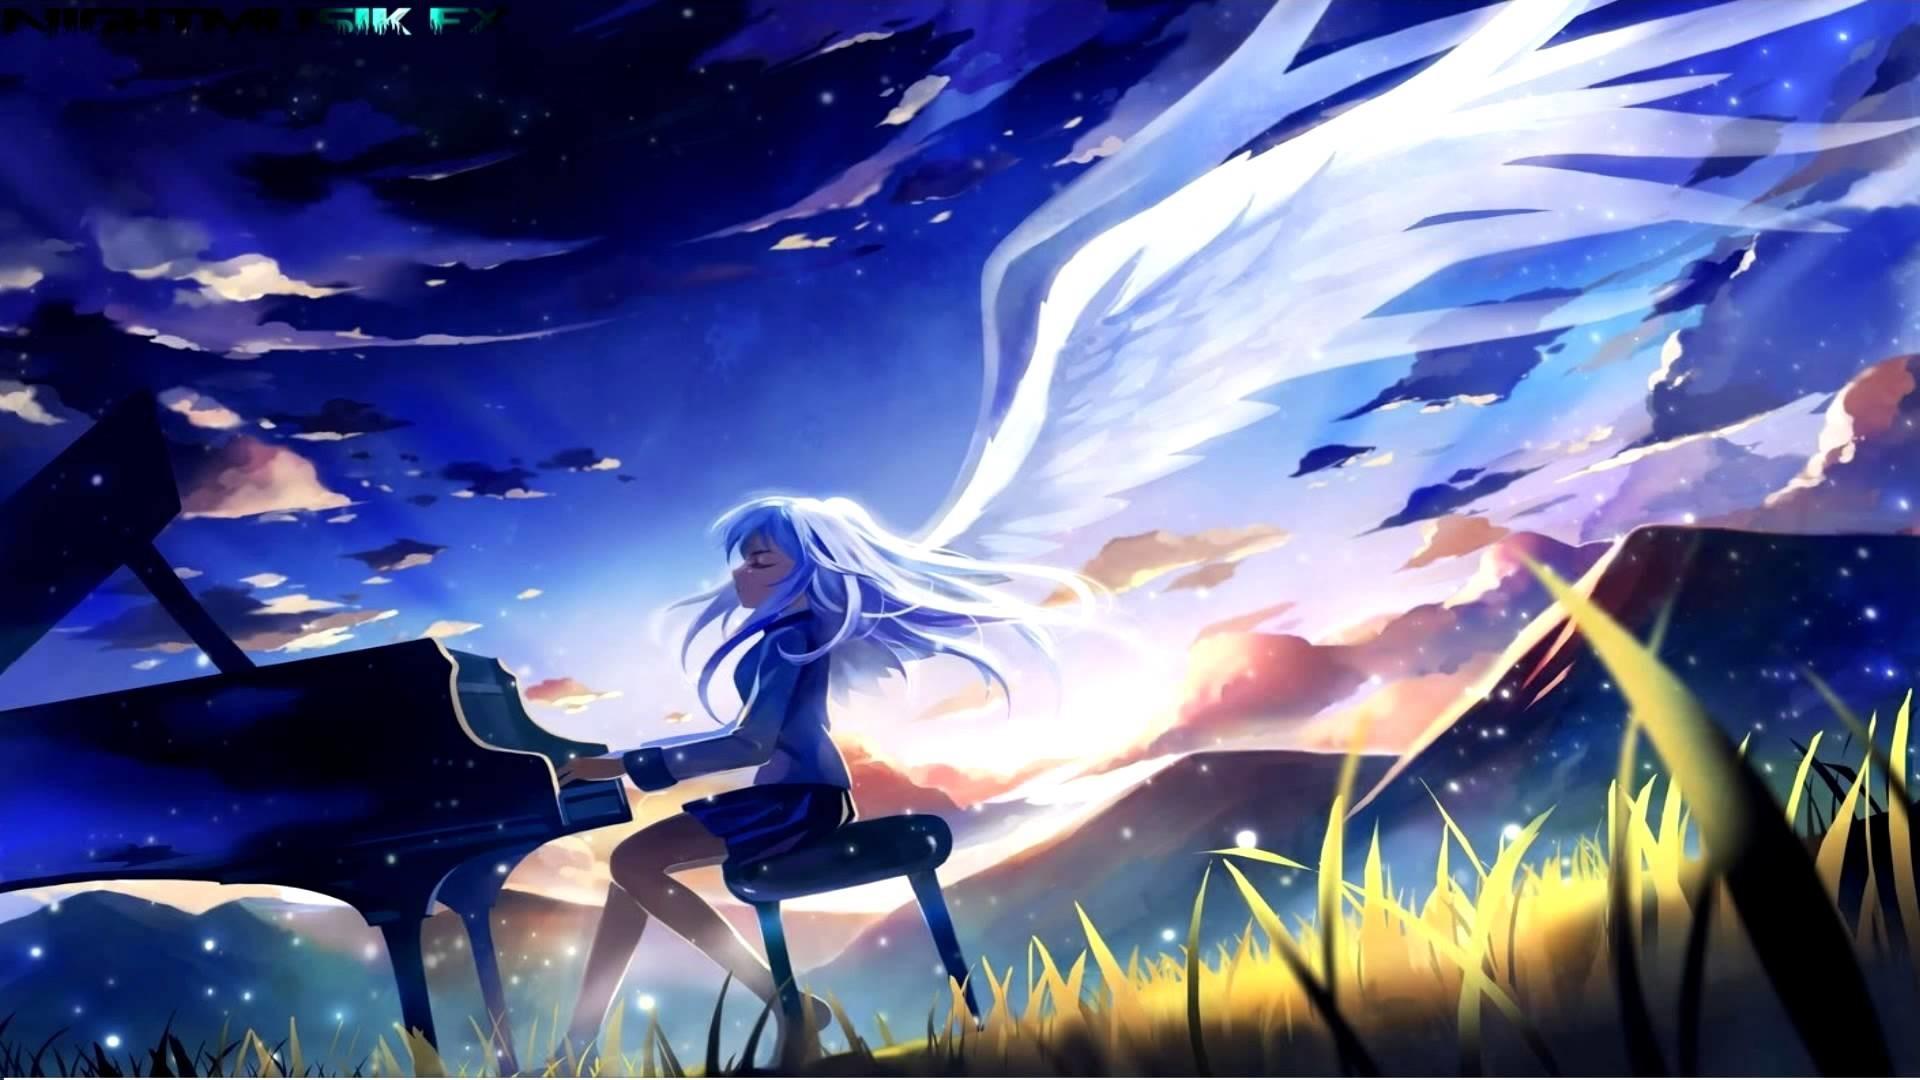 Anime Cool Art Wallpaper